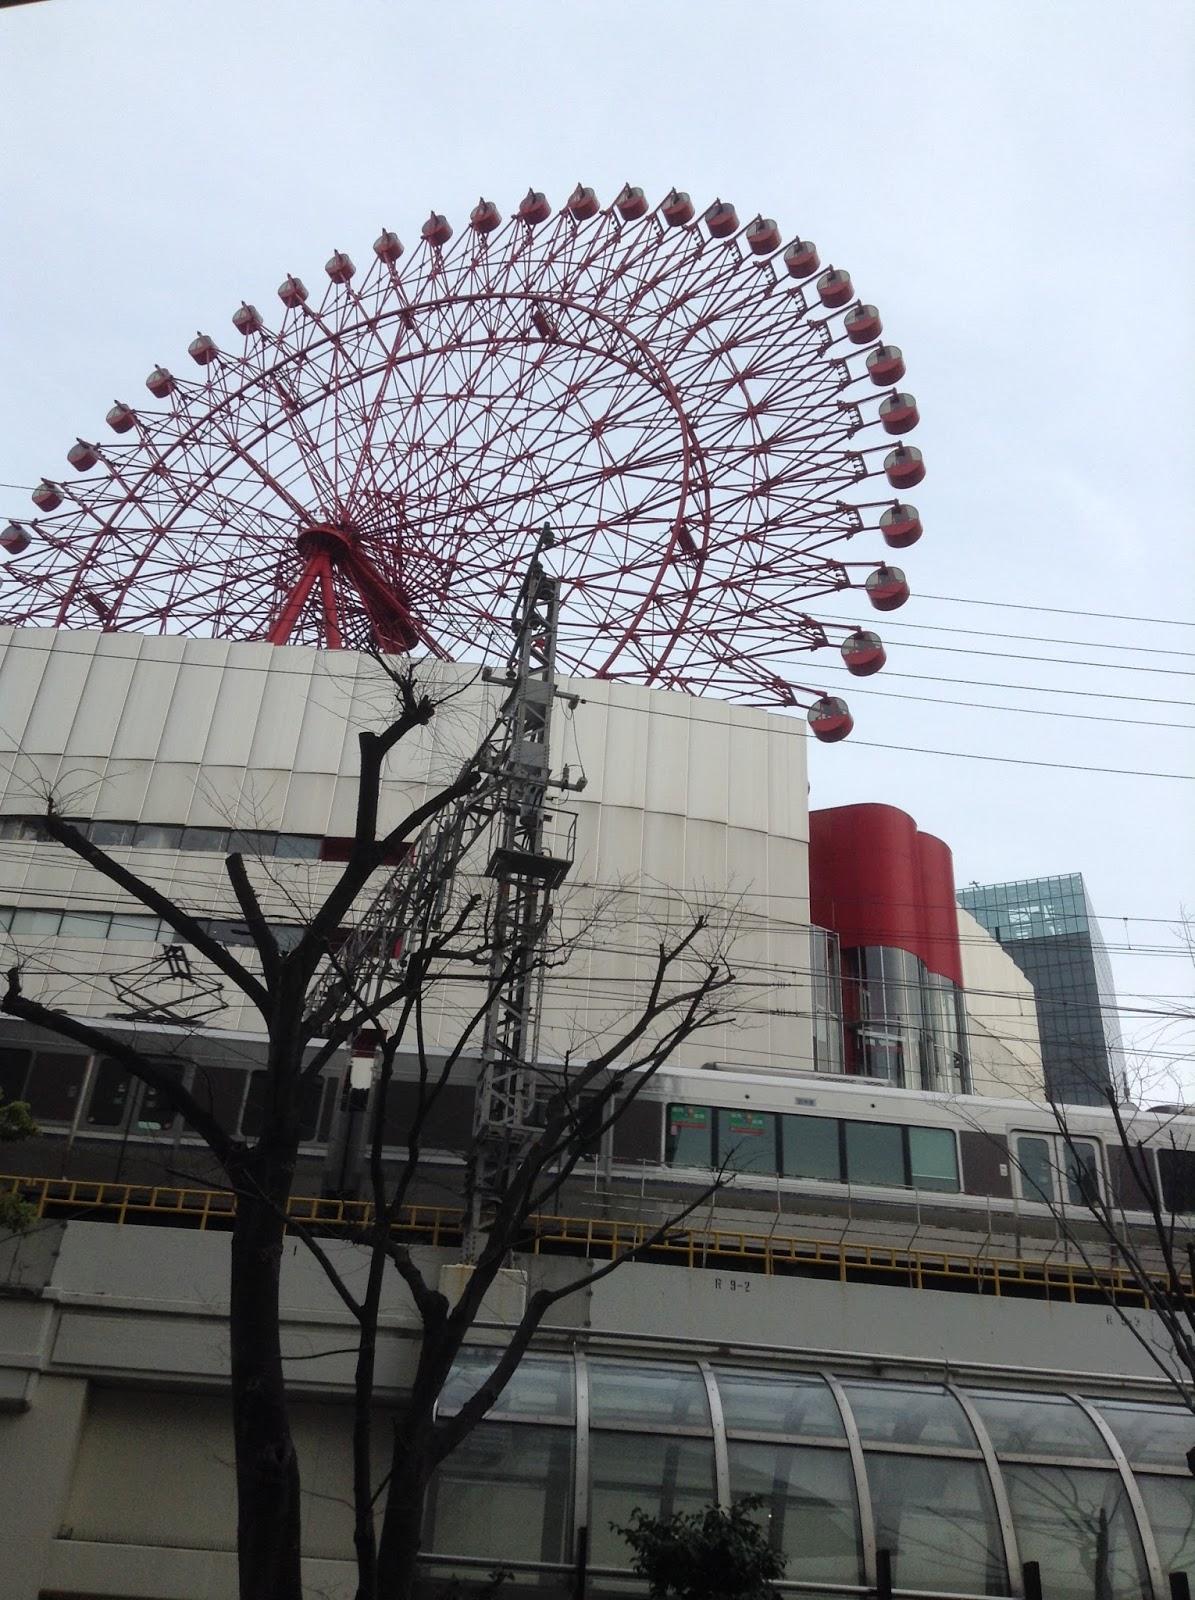 Hep 5 ferris wheel Umeda